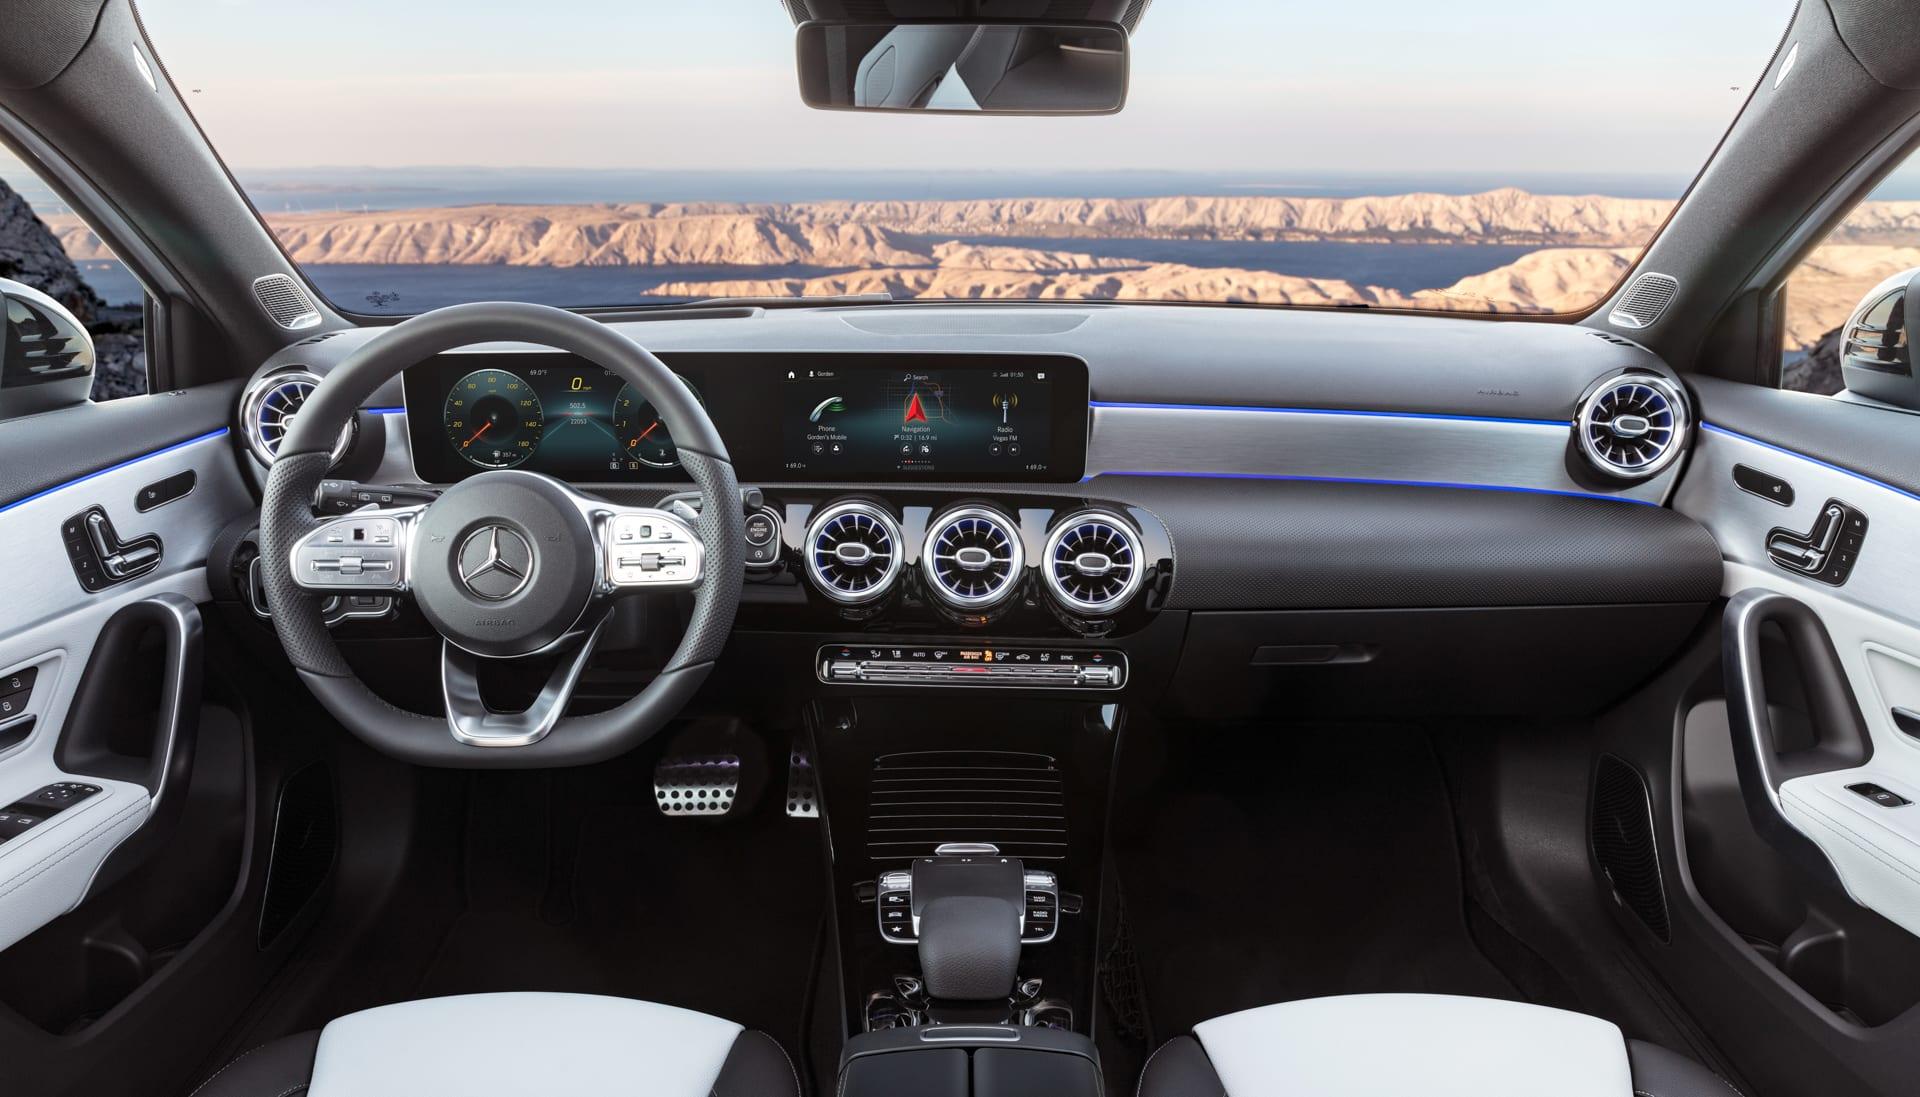 Mercedes-Benz A-Class A220 review